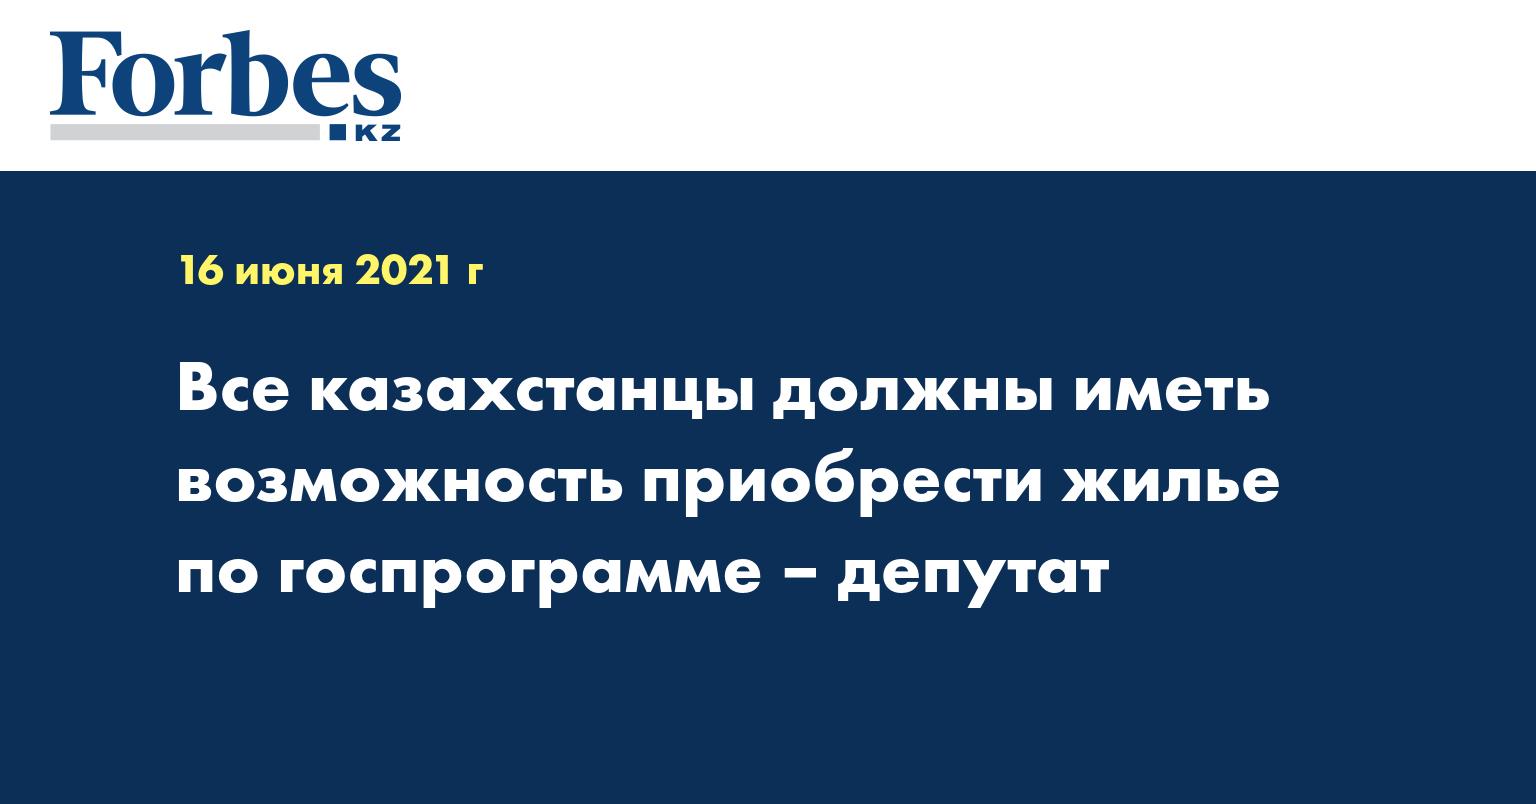 Все казахстанцы должны иметь возможность приобрести жилье по госпрограмме – депутат